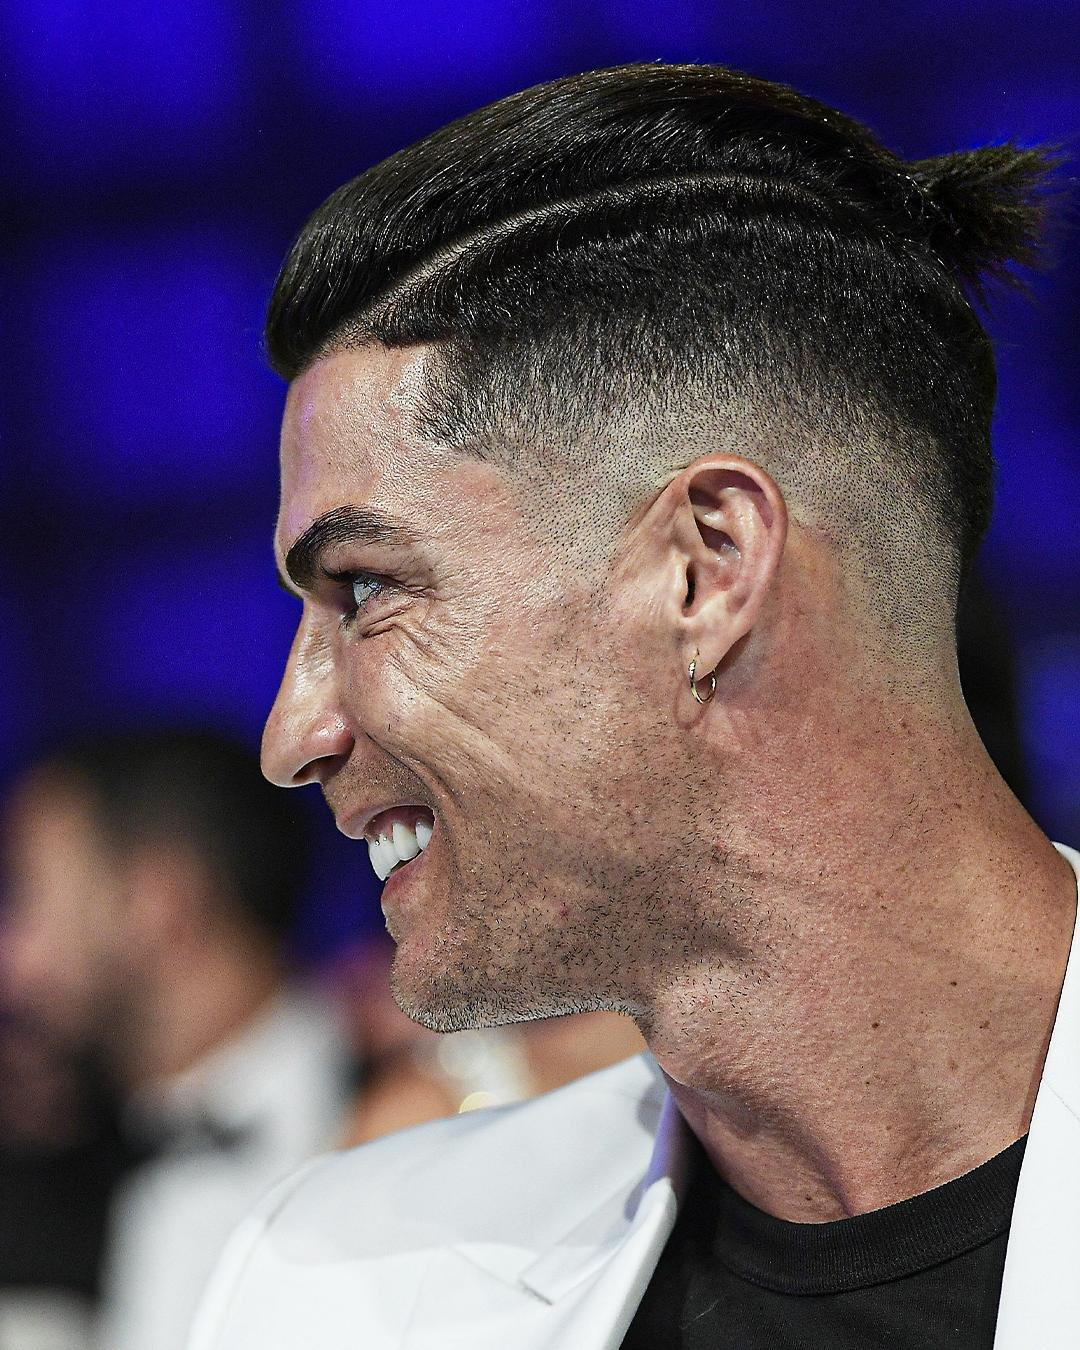 Les Nouvelles Les Plus Importantes De 2020 A Ce Jour Cristiano Ronaldo Berce Un Chignon Tribuna Com